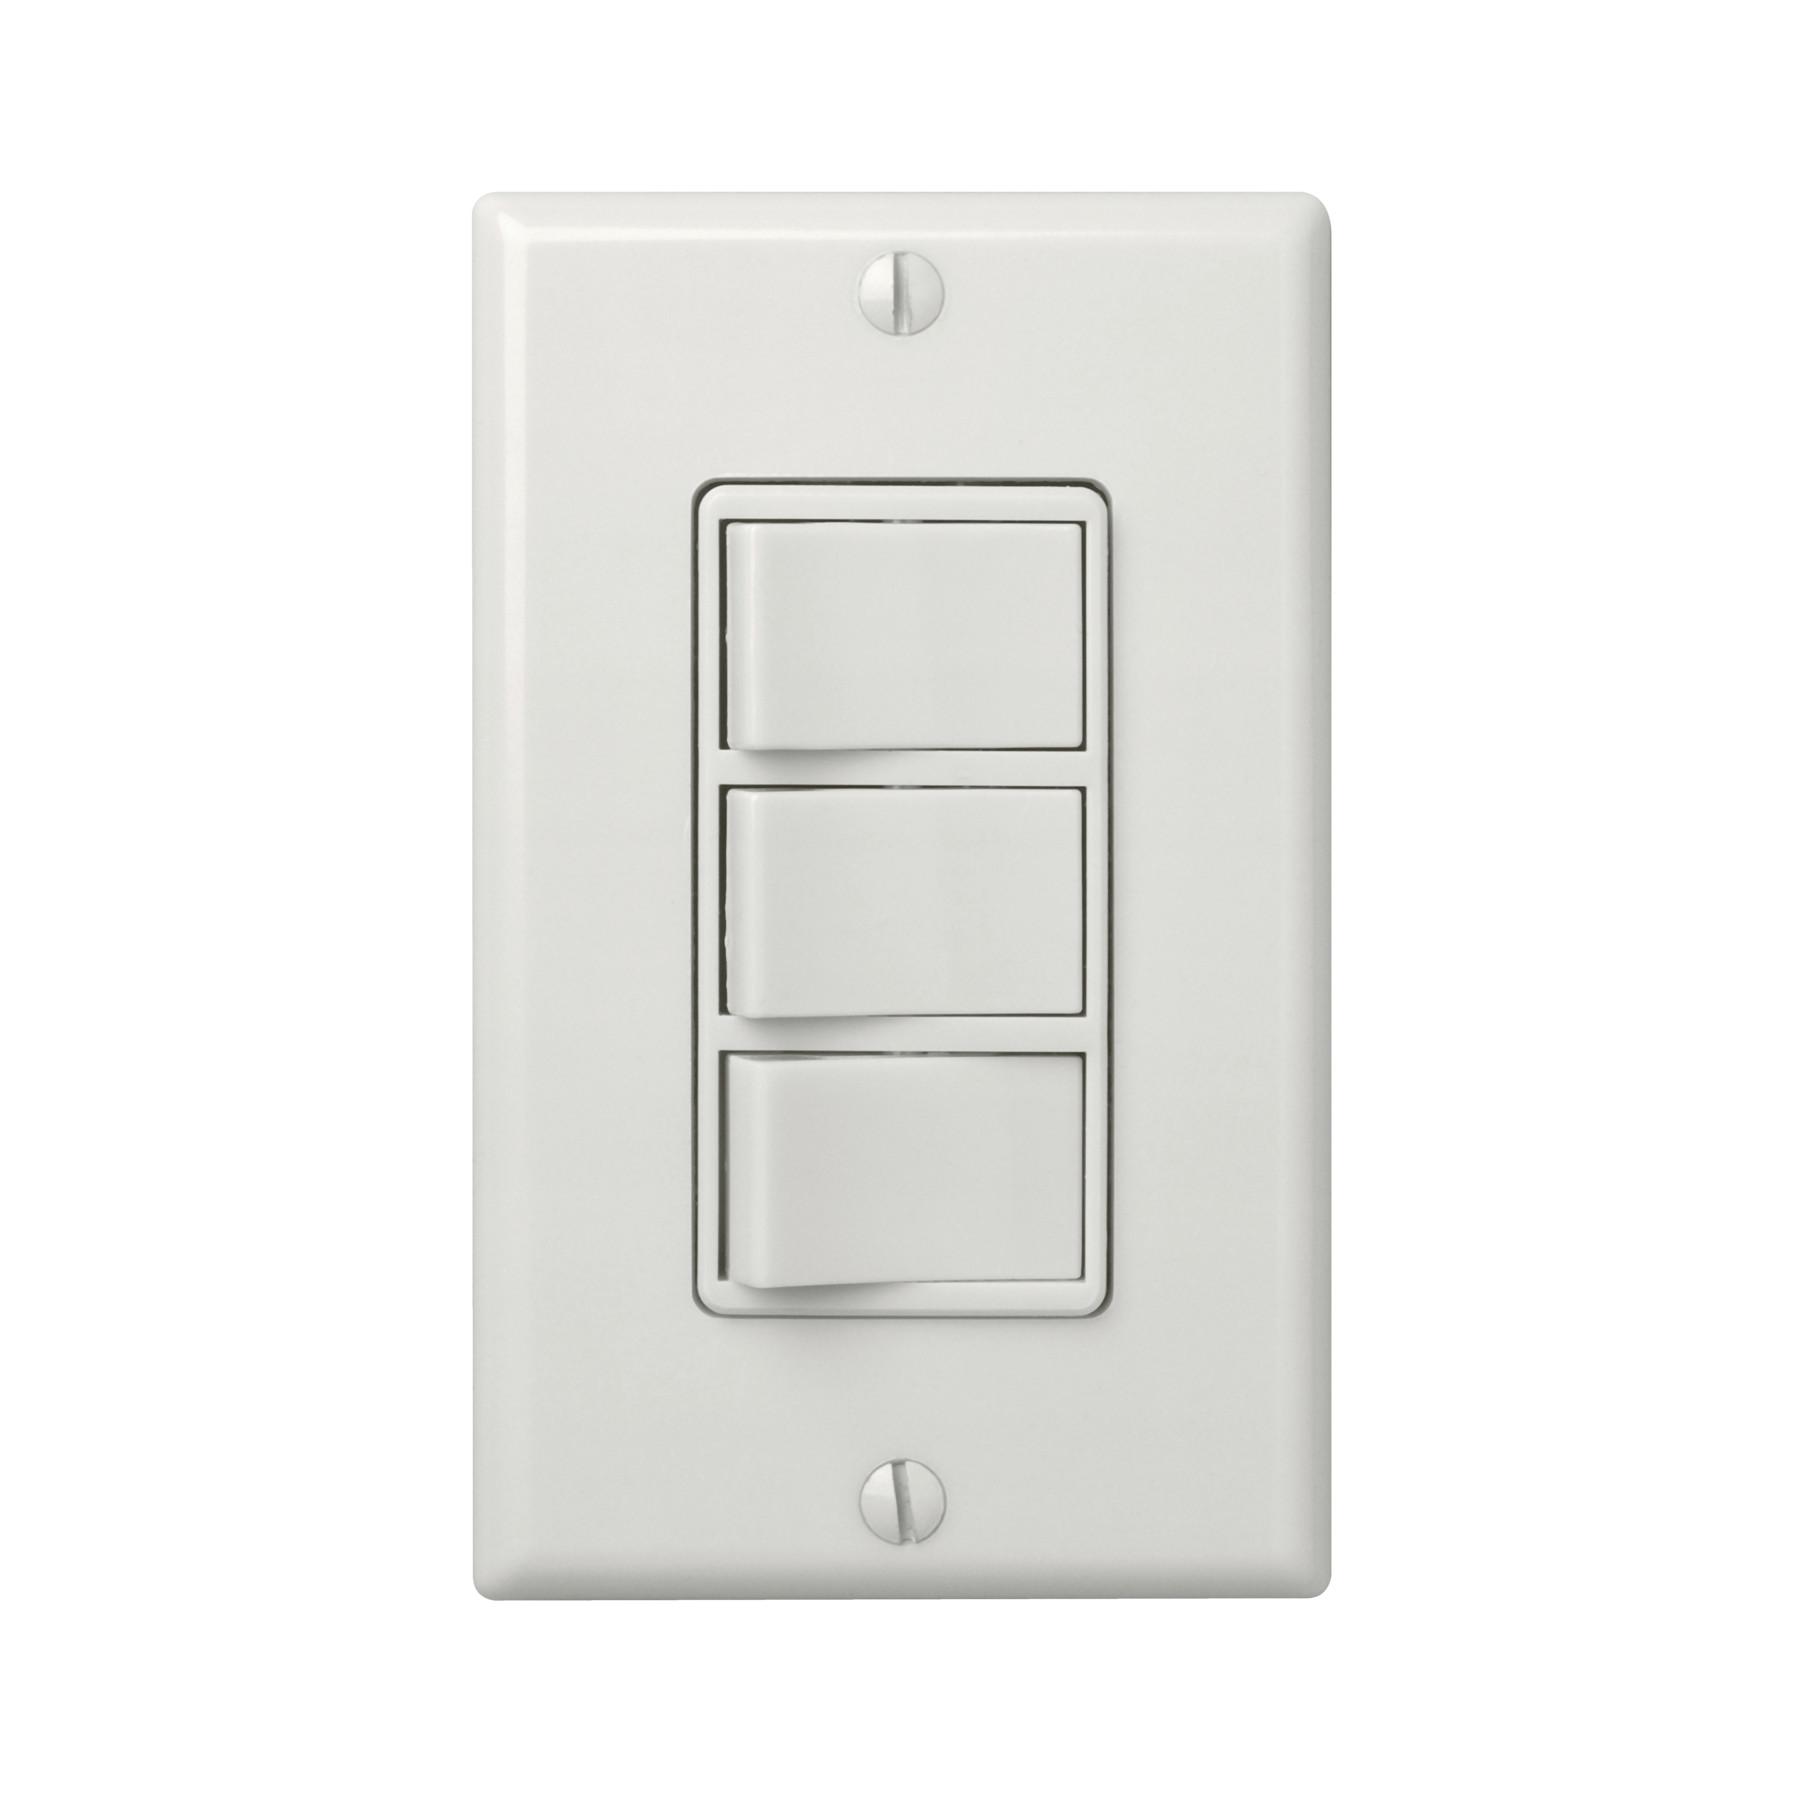 77dv Broan Nutone 3 Switch Control W, Bathroom Heater Fan Light Switch